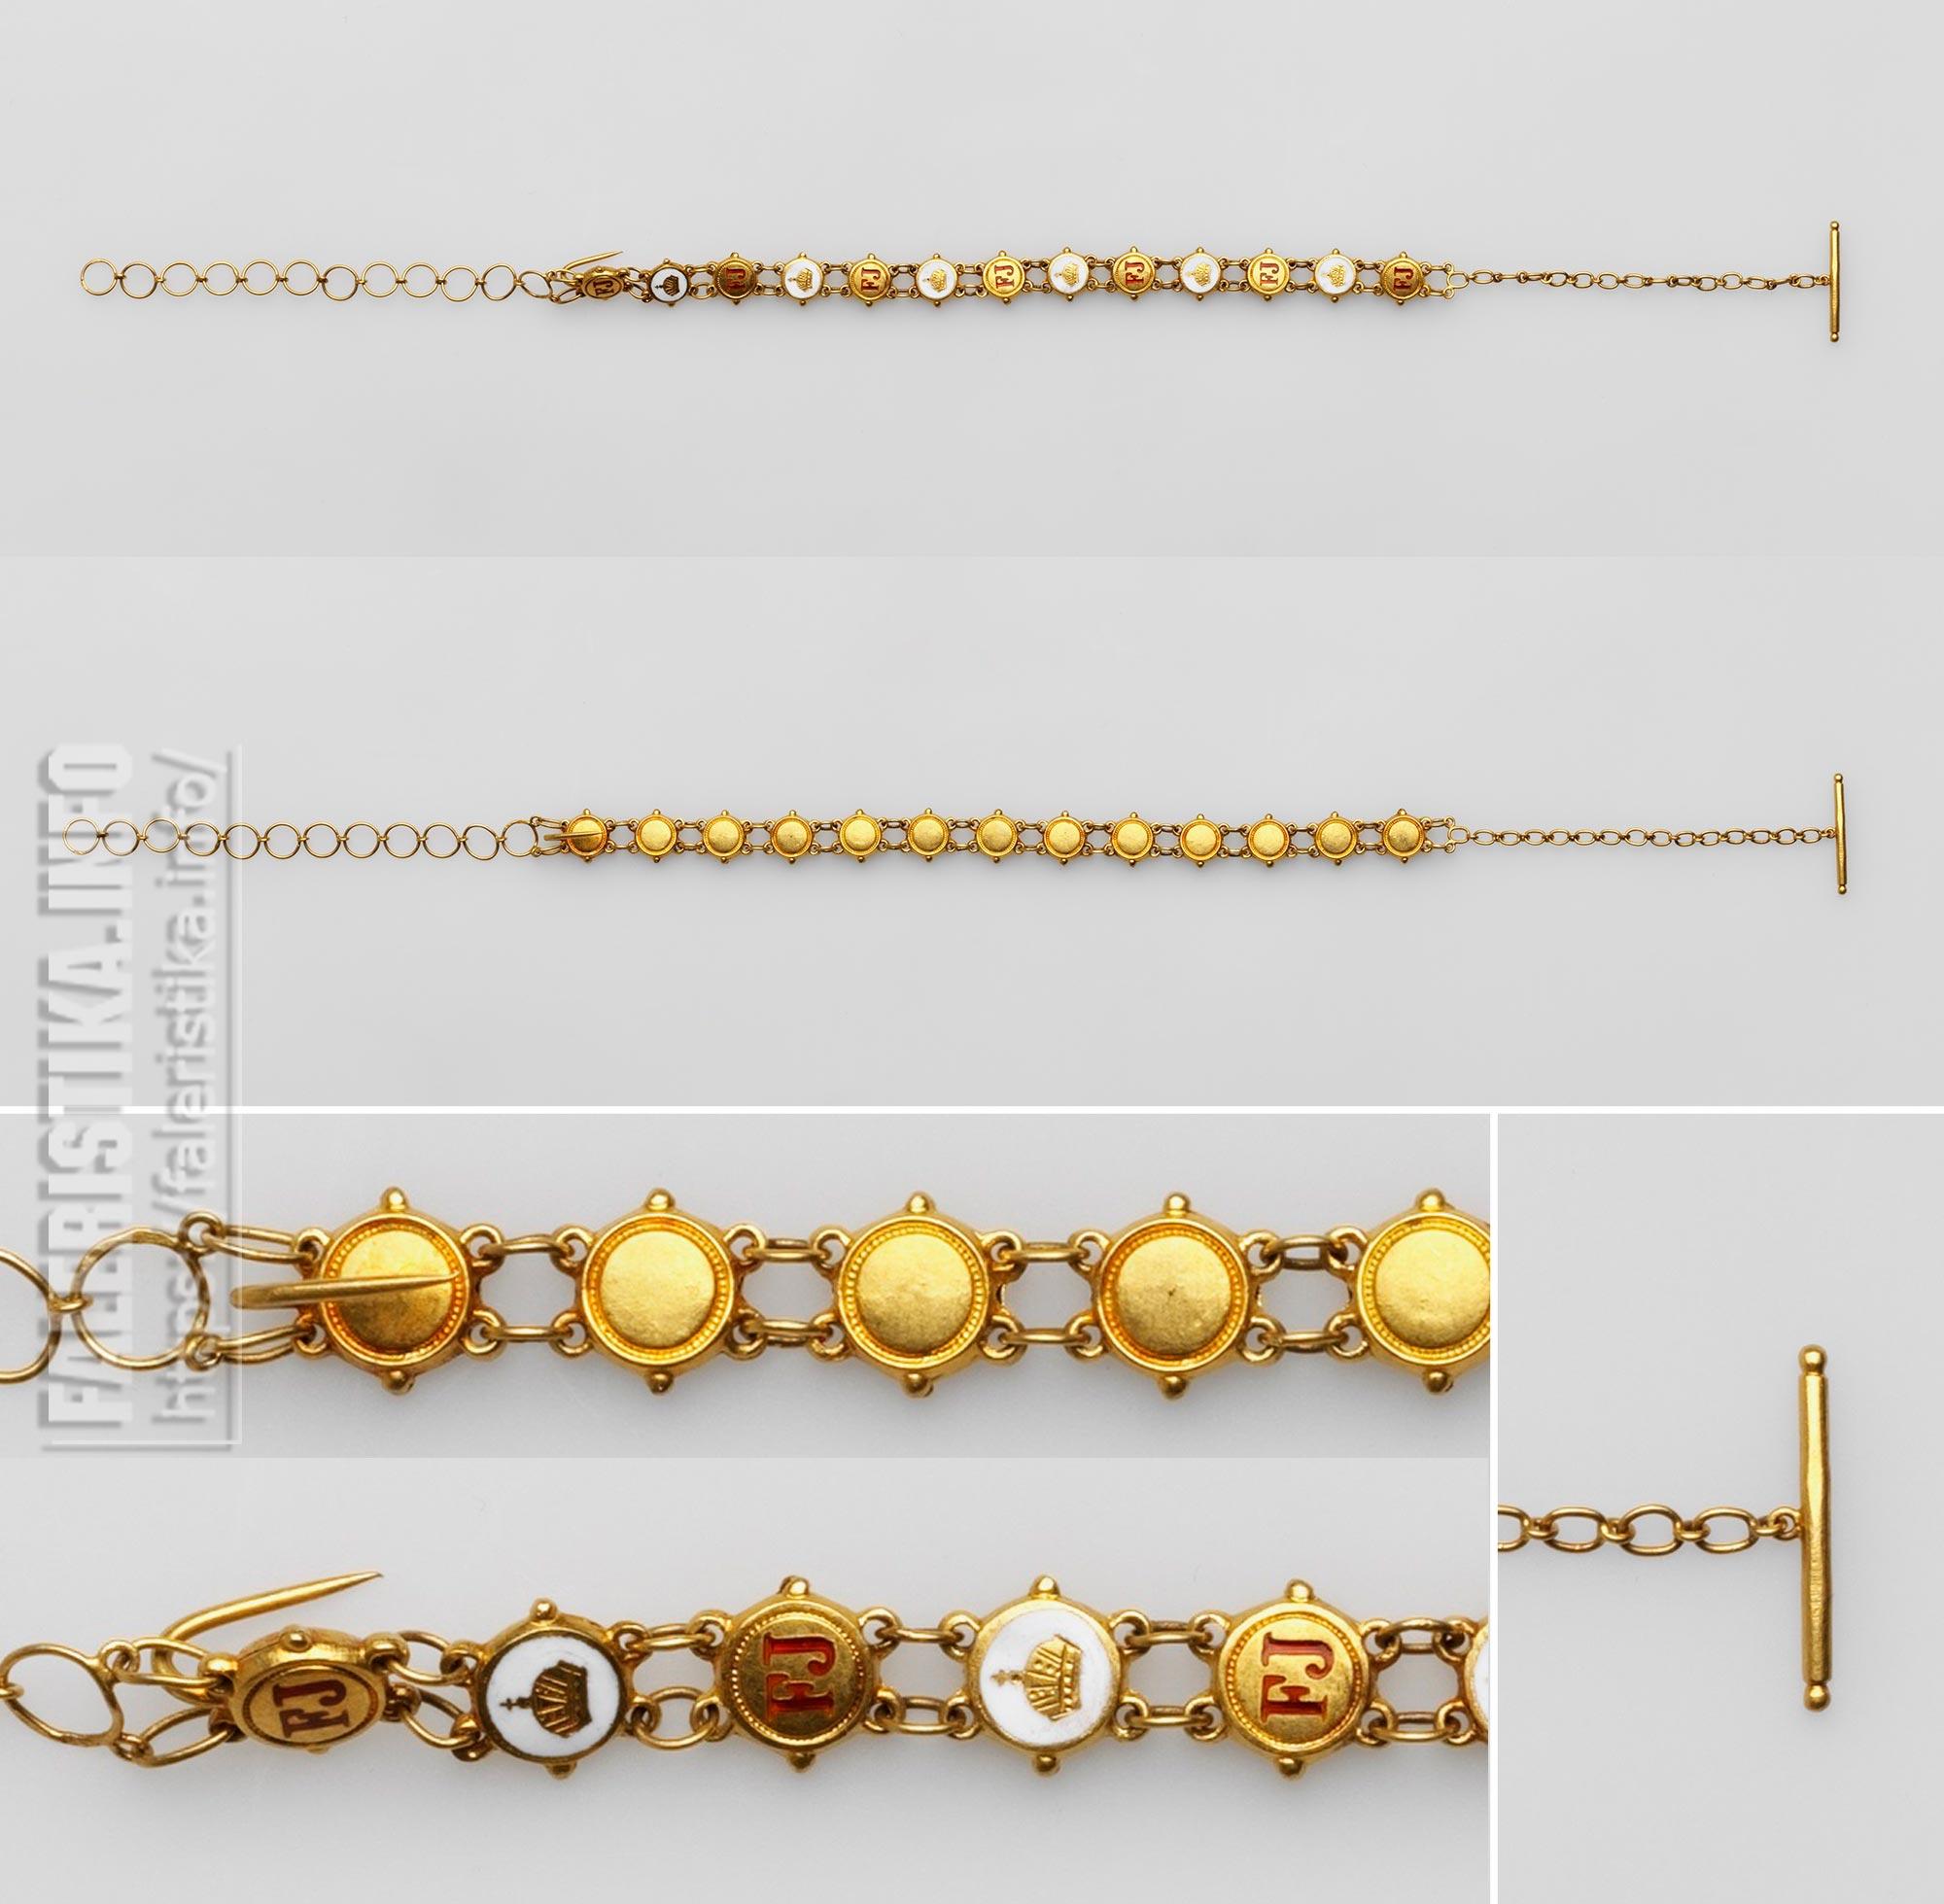 Орден Франца-Иосифа. Миниатюрная цепочка, установленная для кавалера. Аверс. Реверс. Частная коллекция.